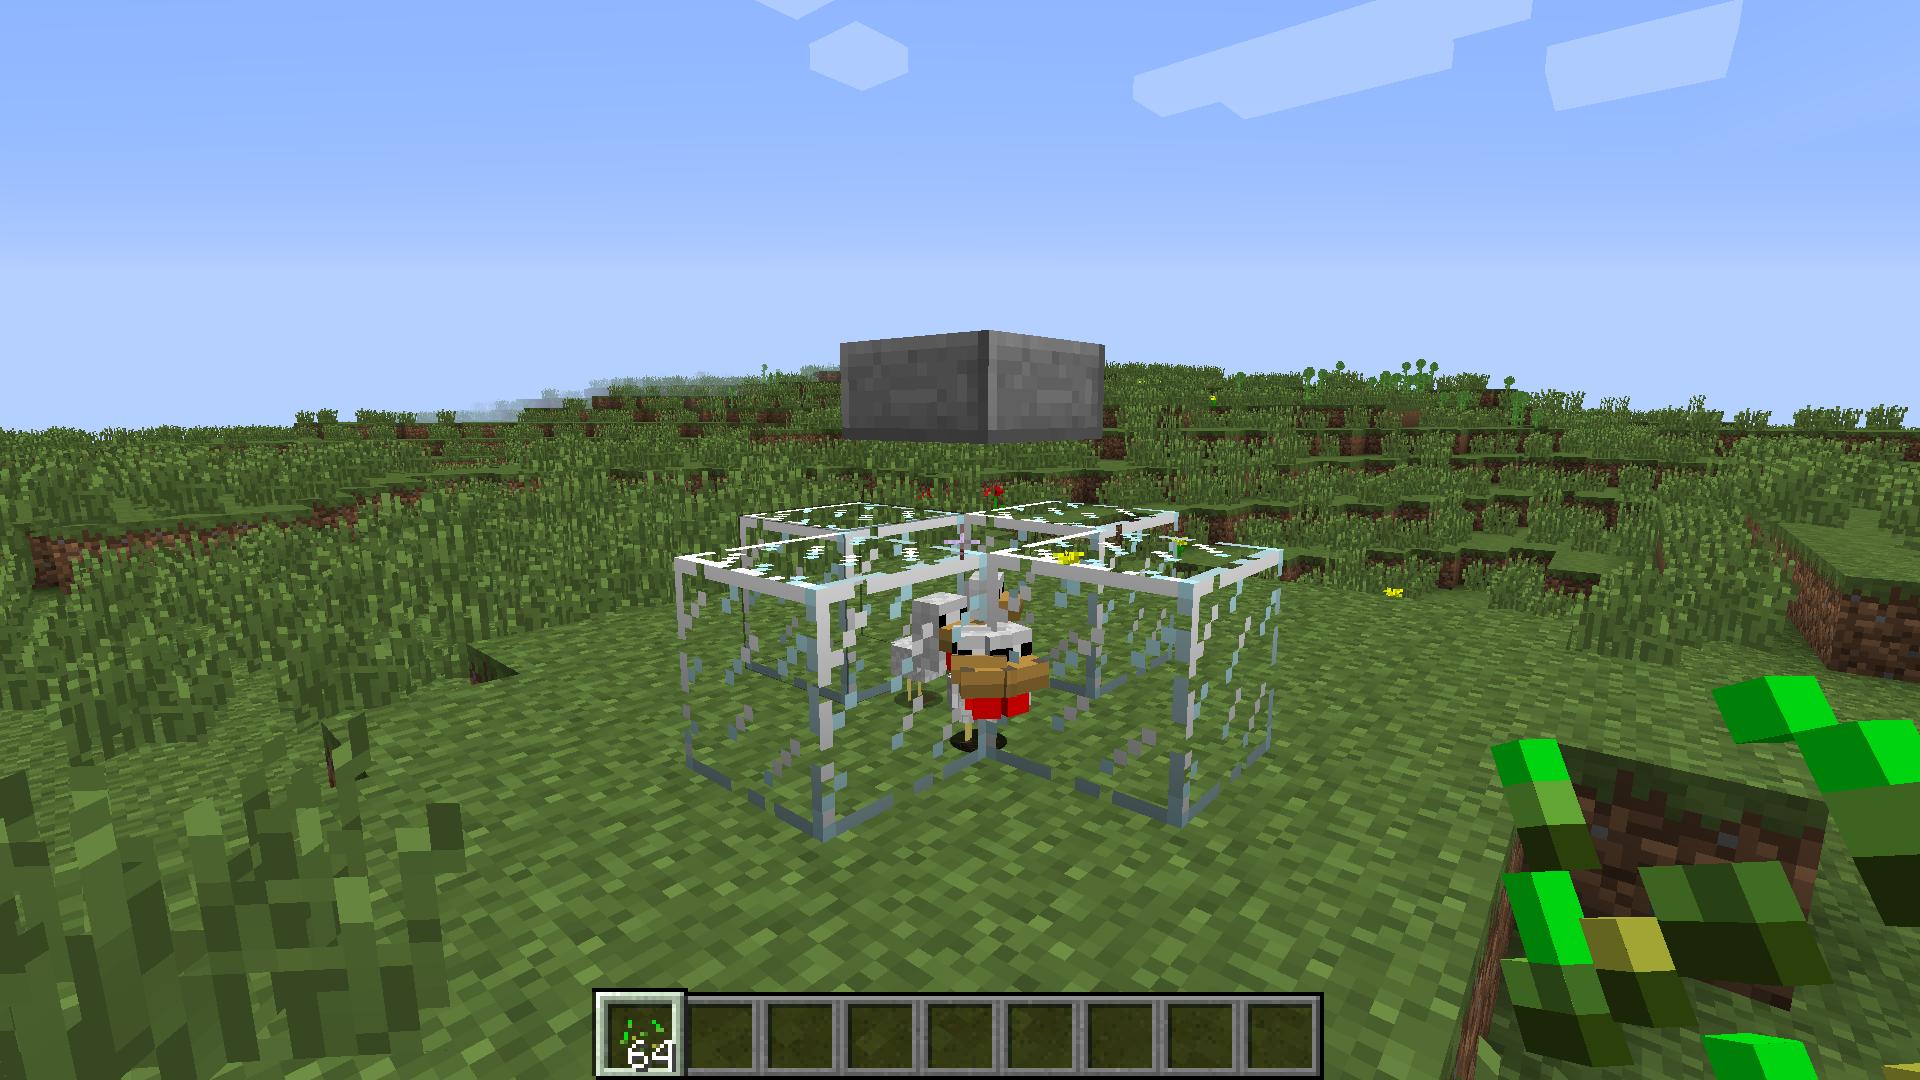 Minecraft derni res news minecraft snapshot 14w21b le - Poule minecraft ...